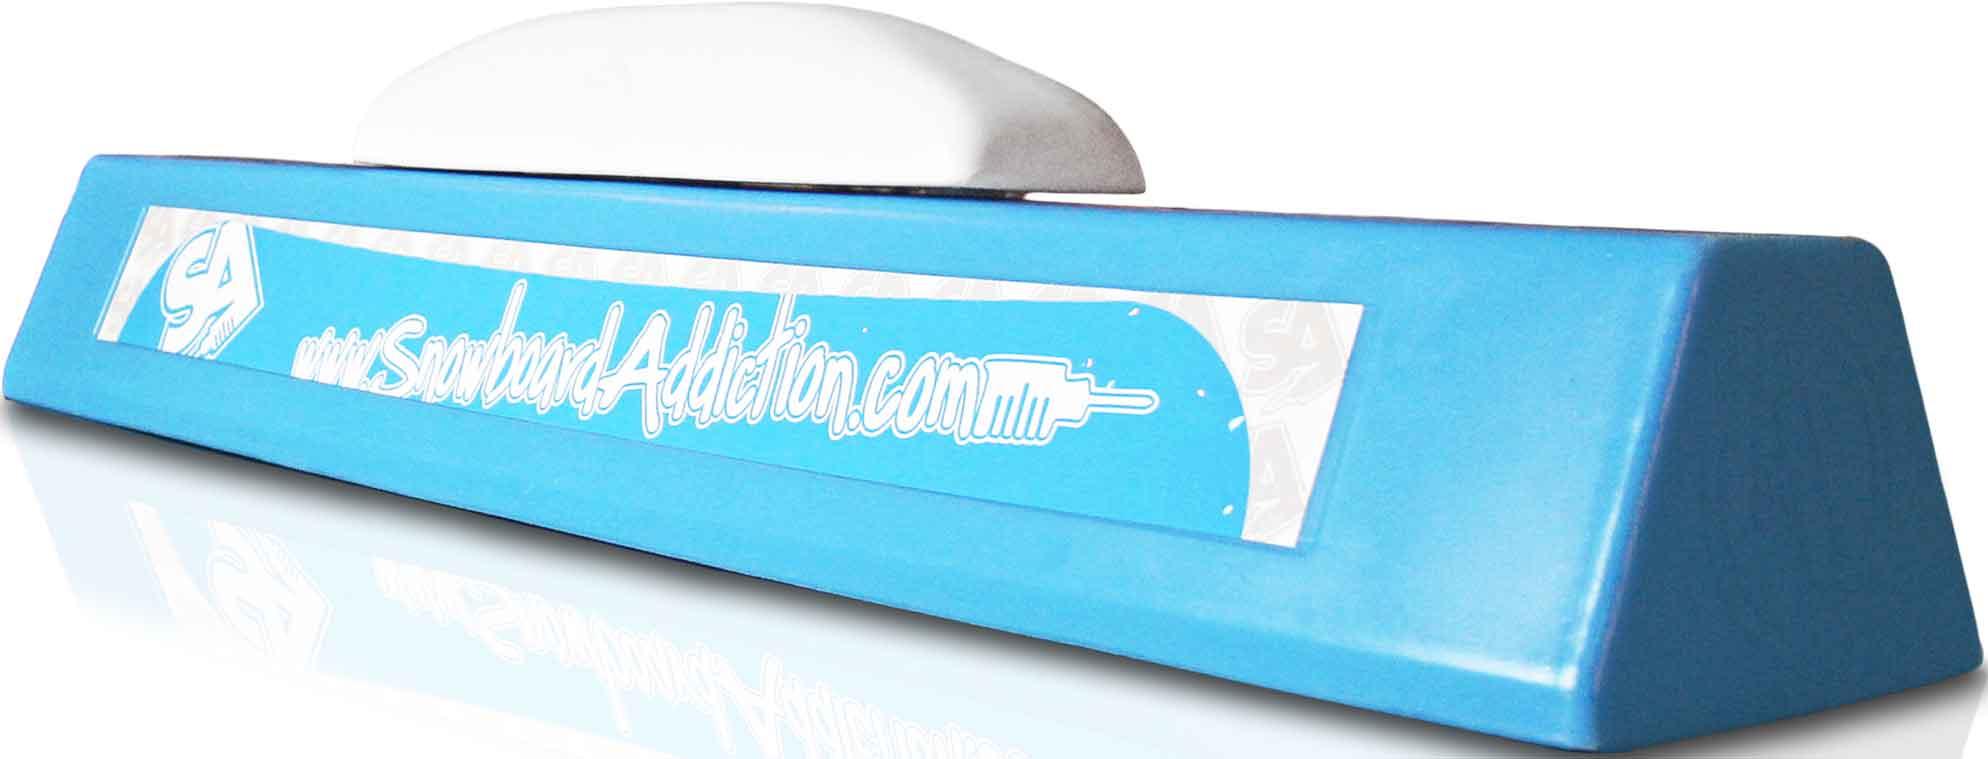 image snowboard-addiction-balance-bar-jpg